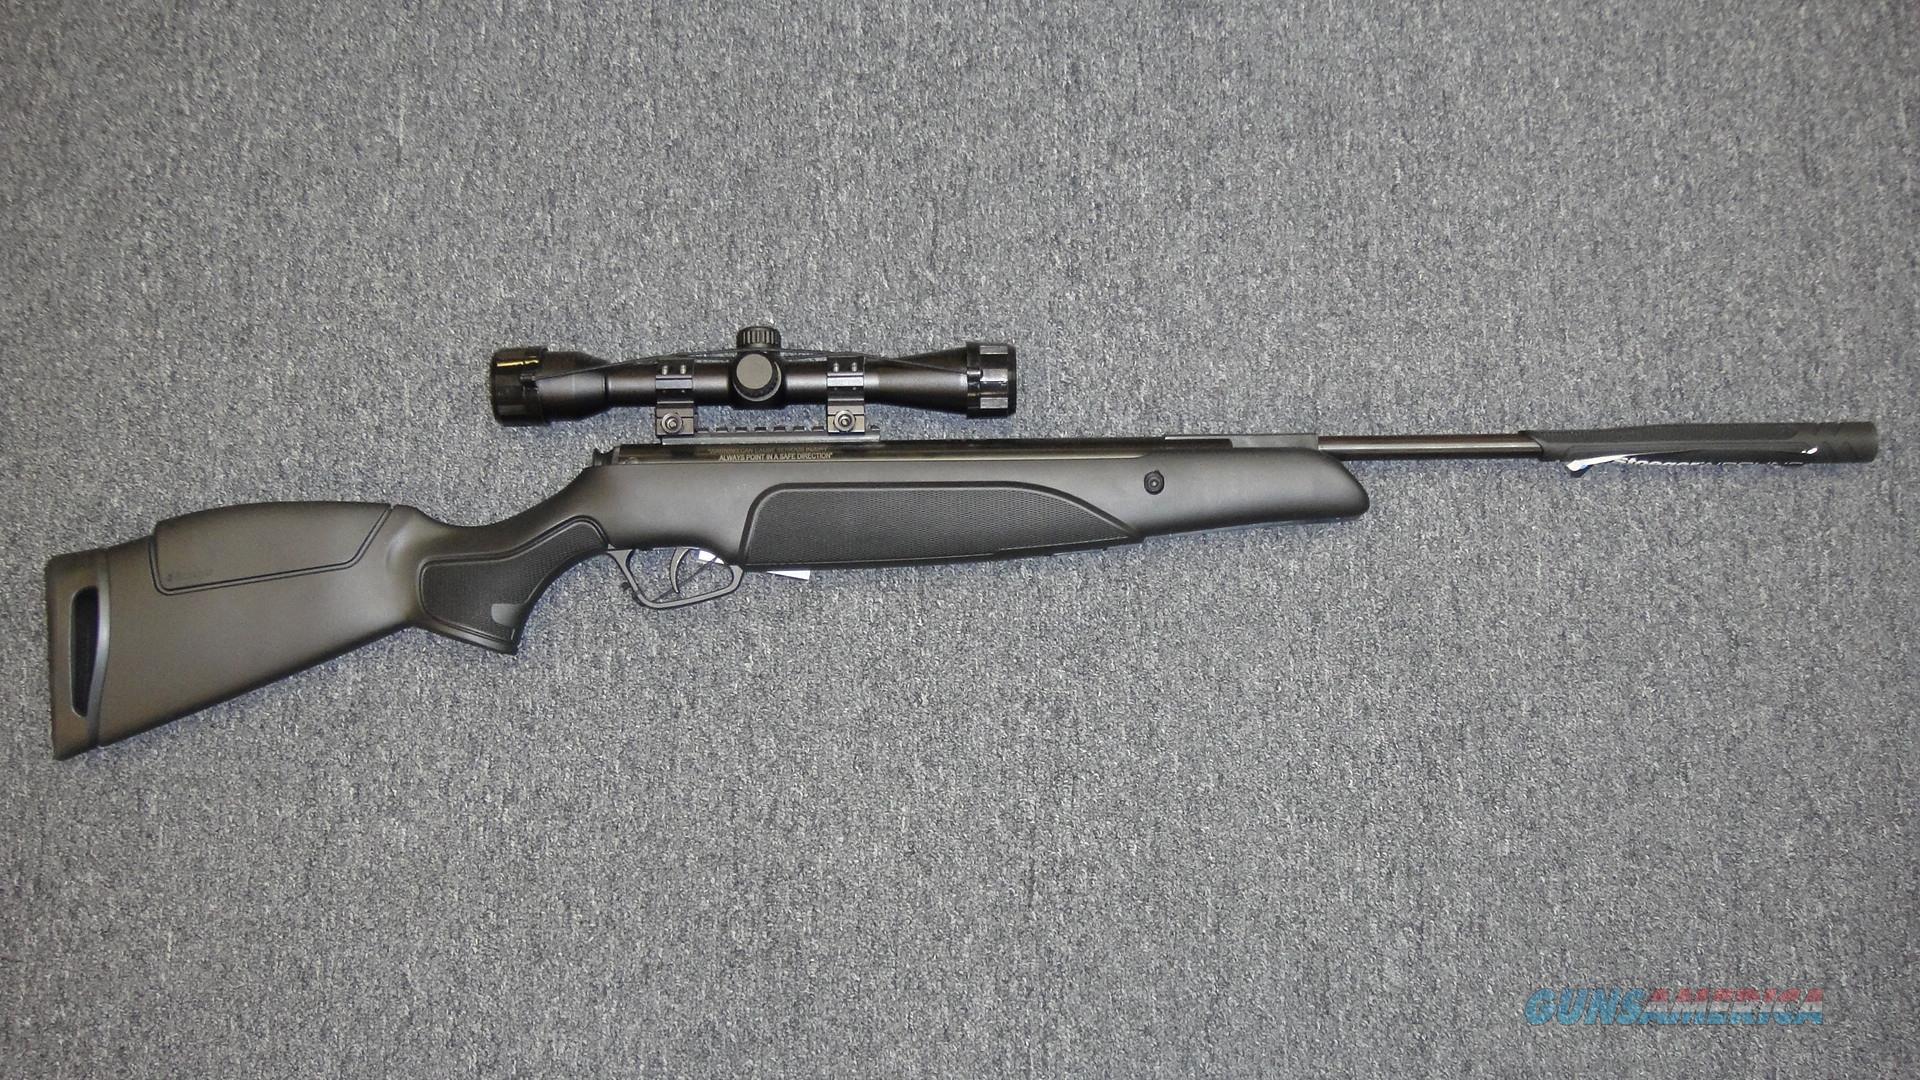 Stoeger A30 .177 Air Rifle  Non-Guns > Air Rifles - Pistols > Adult High Velocity